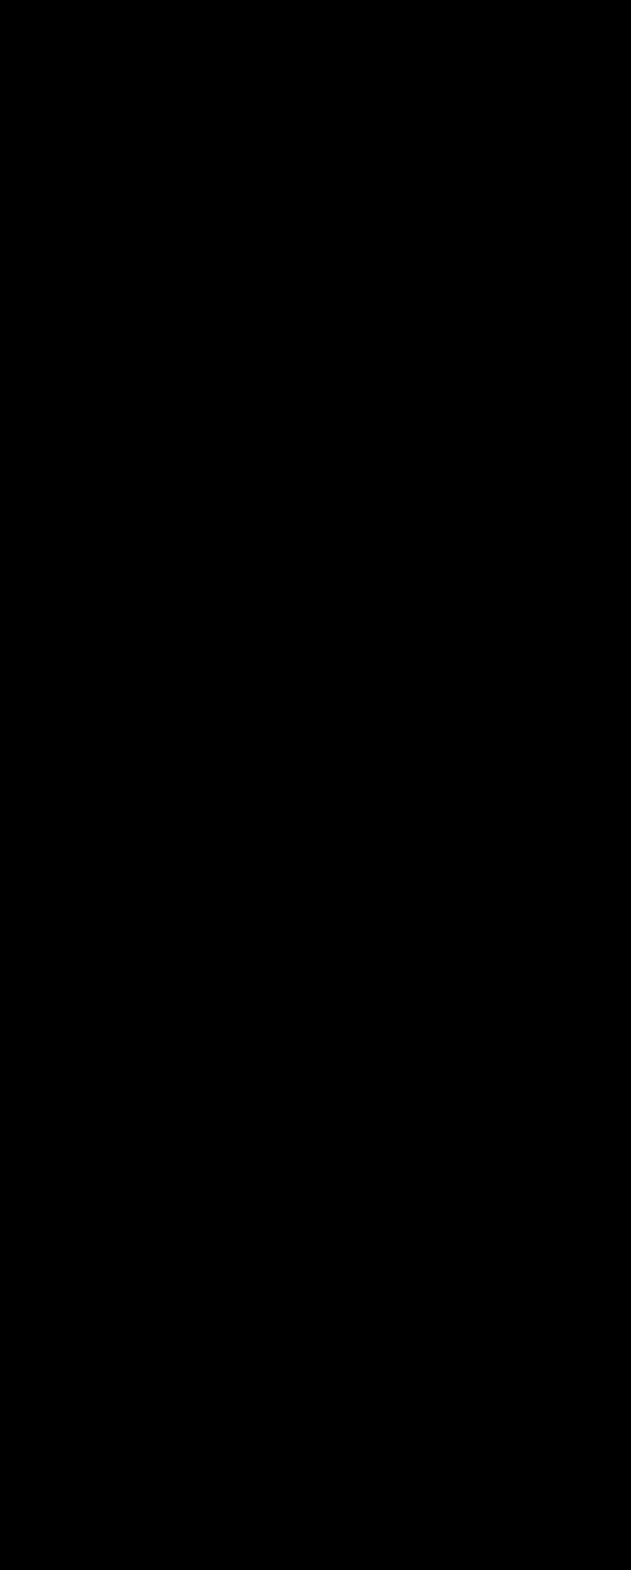 คอร์ดกี่ต้า คอร์ดเพลง ง่ายๆ เพลง ภูมิแพ้กรุงเทพ (Feat. ตั๊กแตน ชลดา)